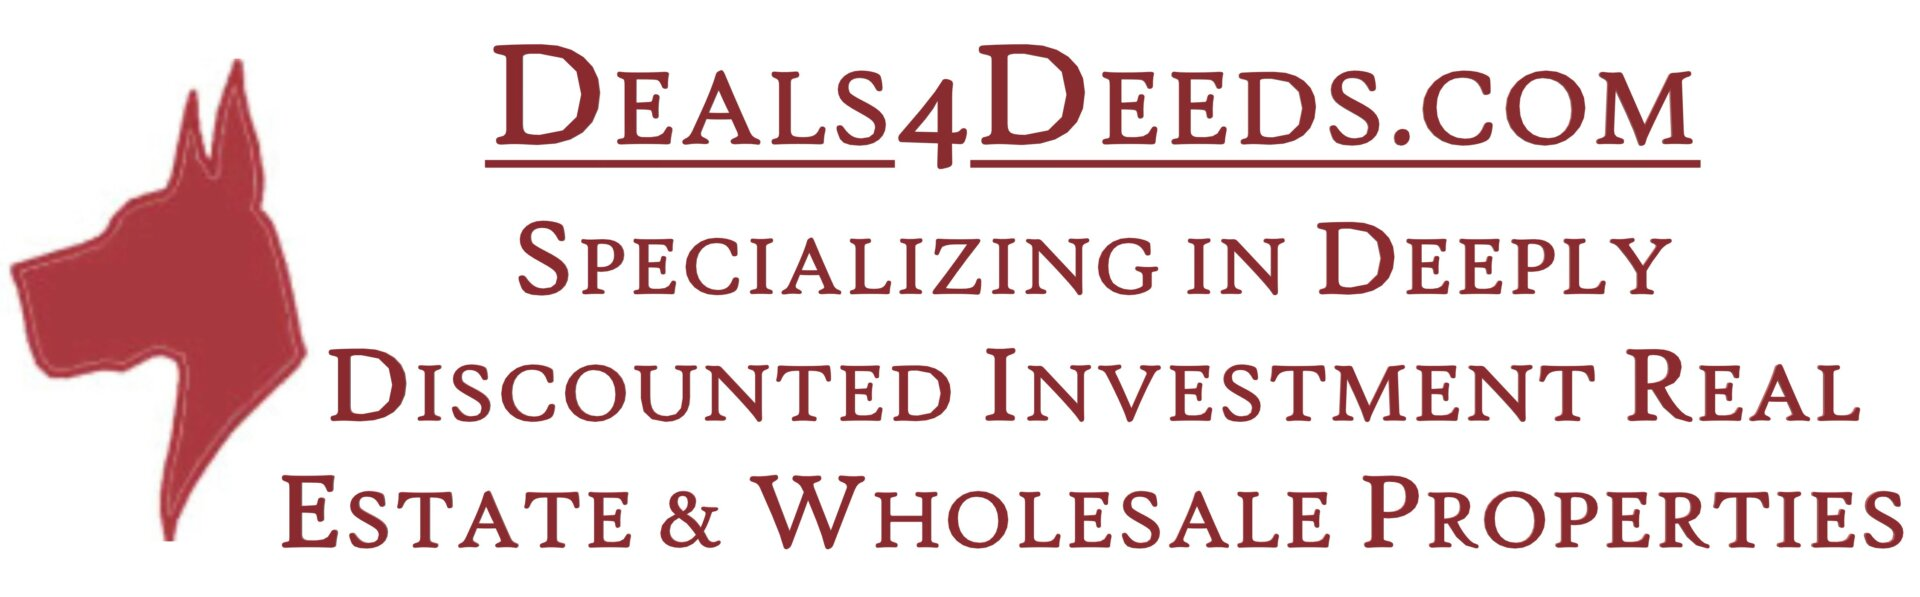 Deals4Deeds.com logo